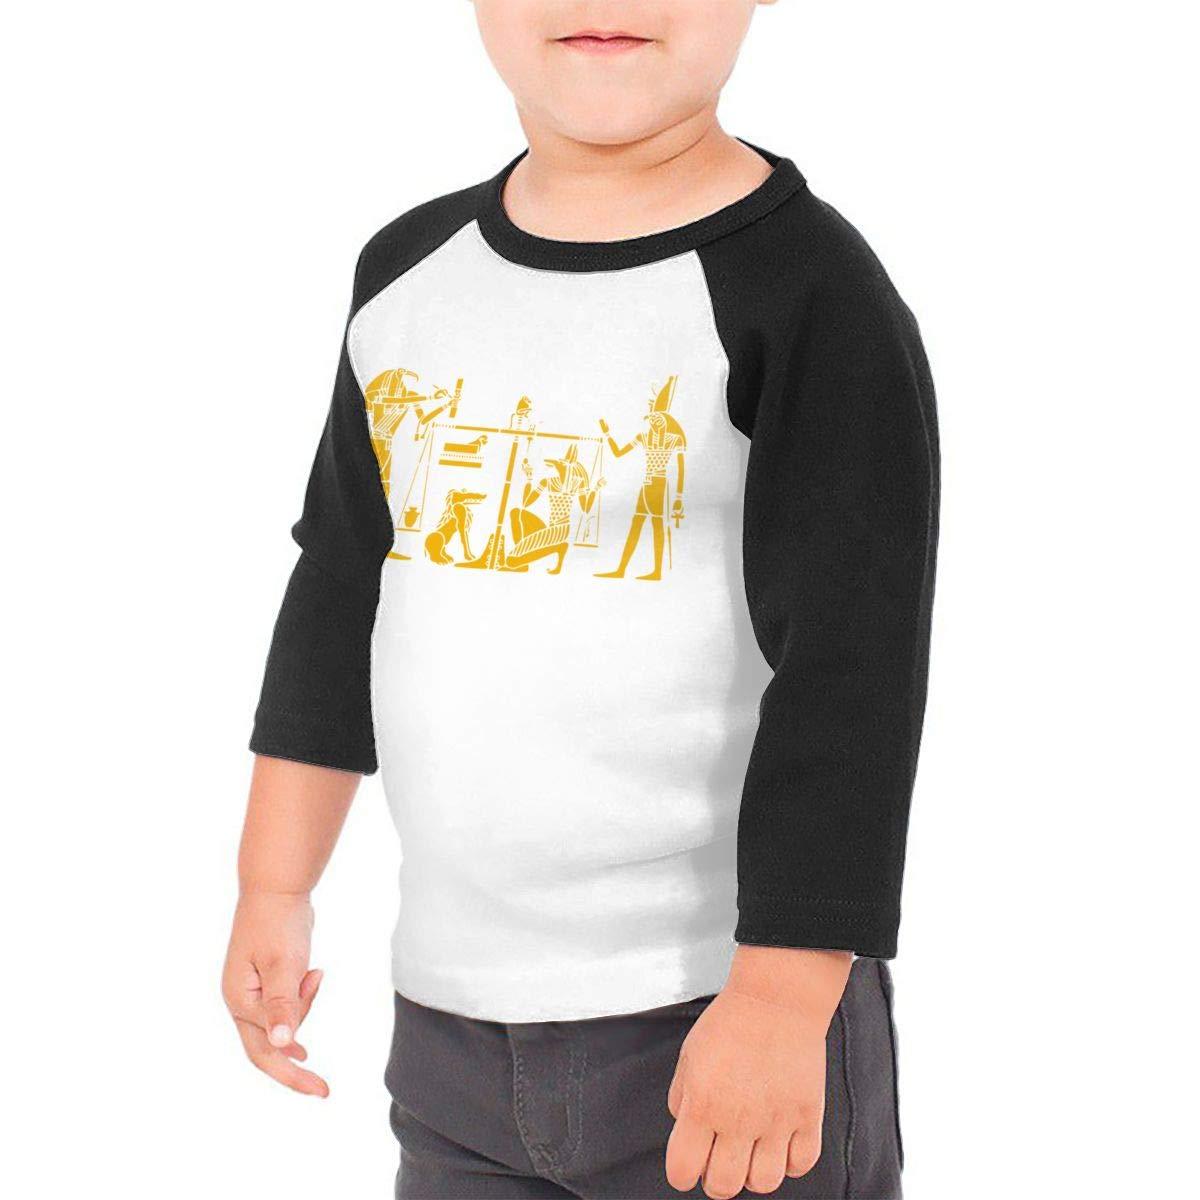 Kocvbng I Retro Egyptian People Raglan 3//4 Sleeves Tshirts for Girls Boy